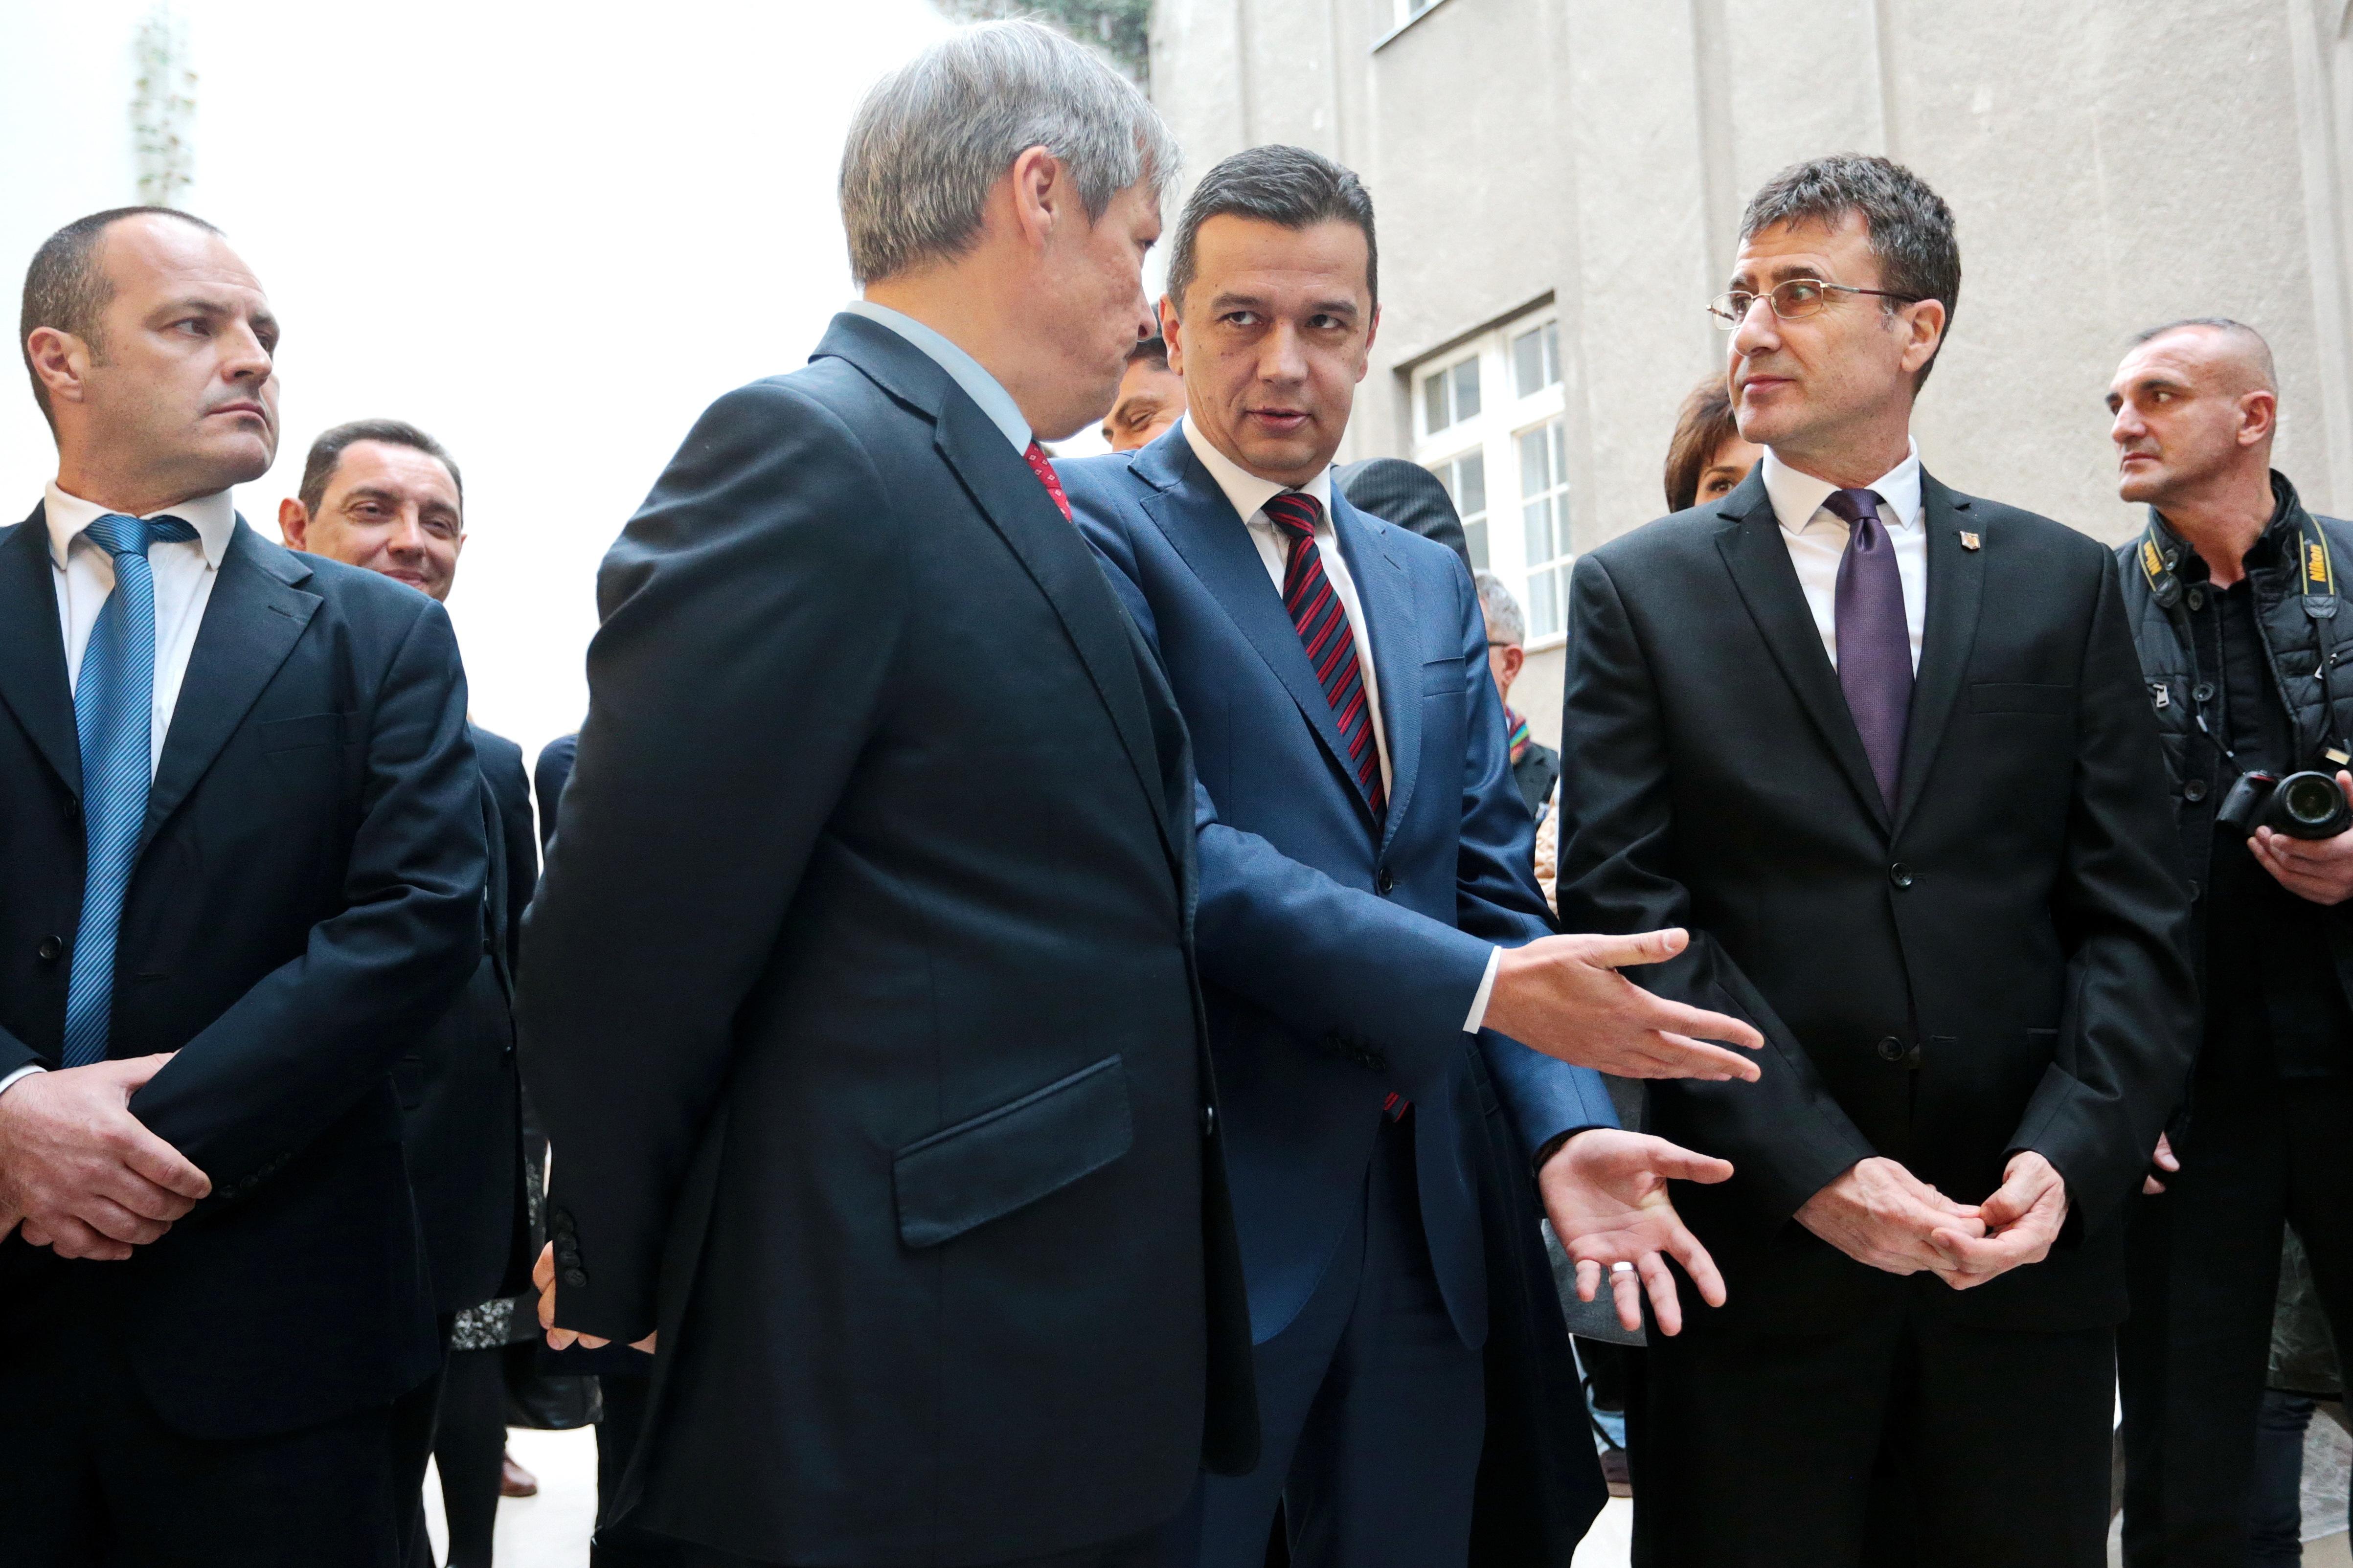 Fostul premier Dacian Cioloş, lui Sorin Grindeanu: Dacă cineva are impresia că poate să mai guverneze pe furiş, se înşală